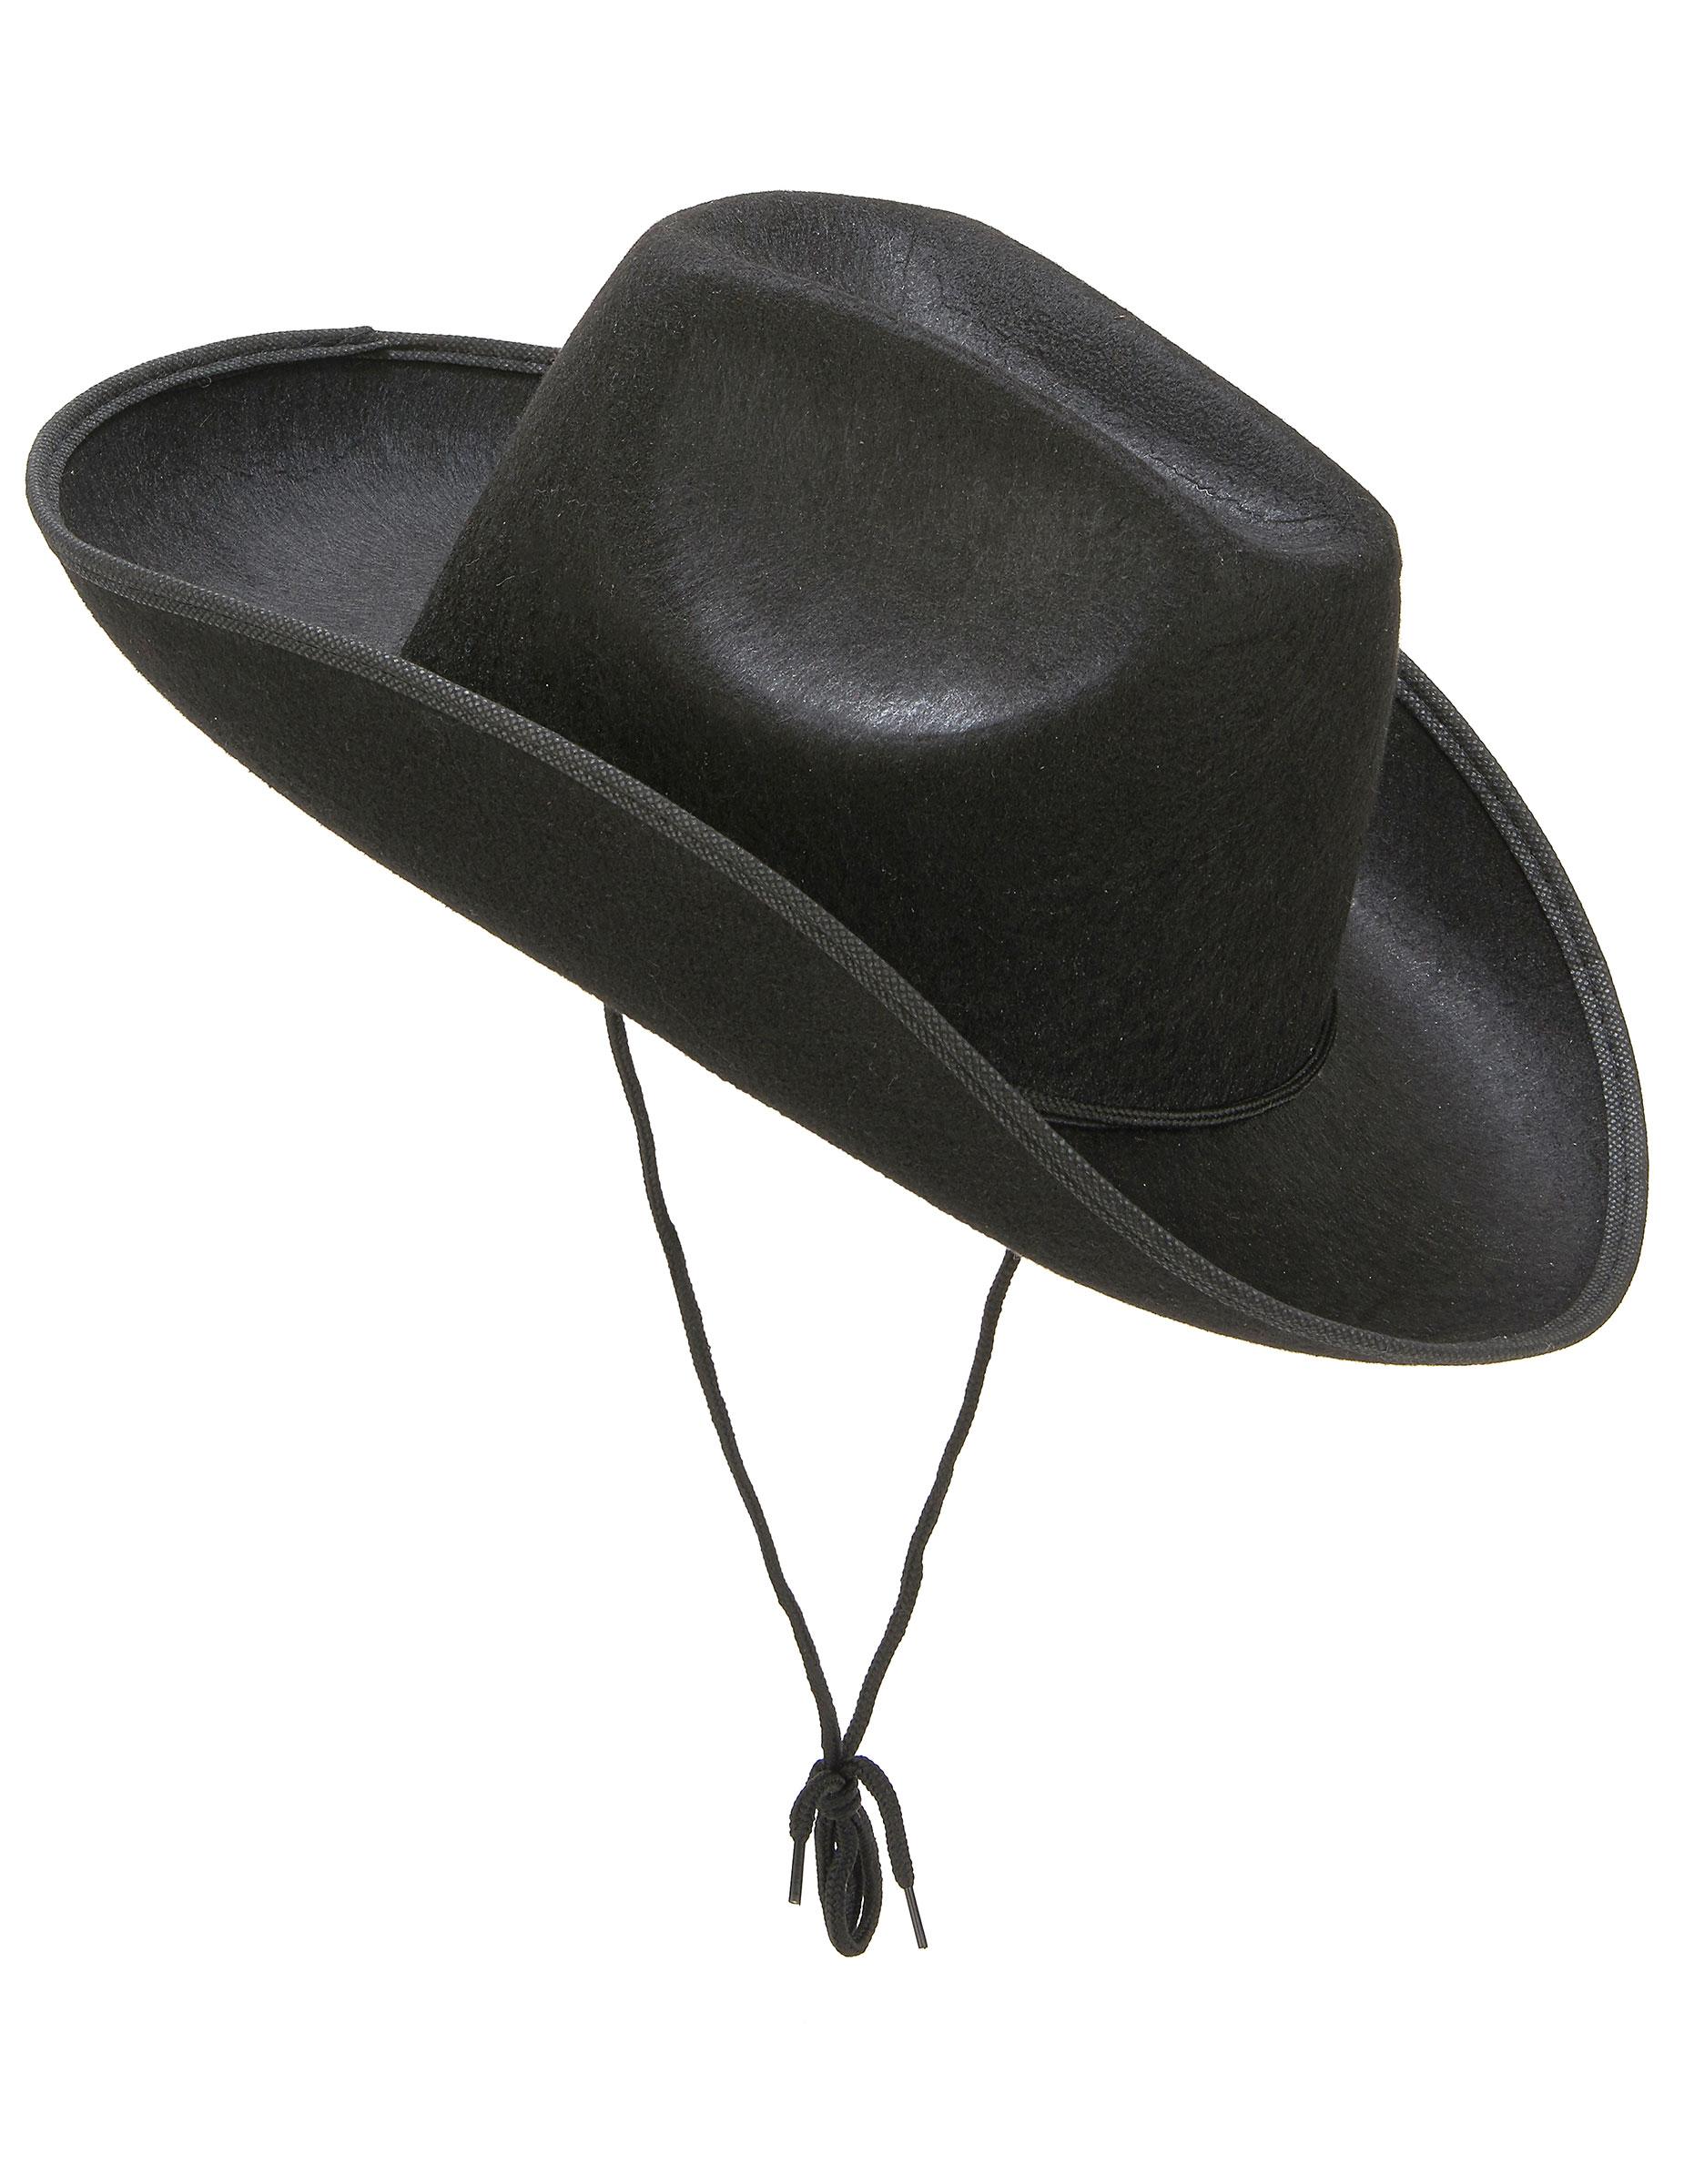 chapeau cowboy adulte d coration anniversaire et f tes th me sur vegaoo party. Black Bedroom Furniture Sets. Home Design Ideas